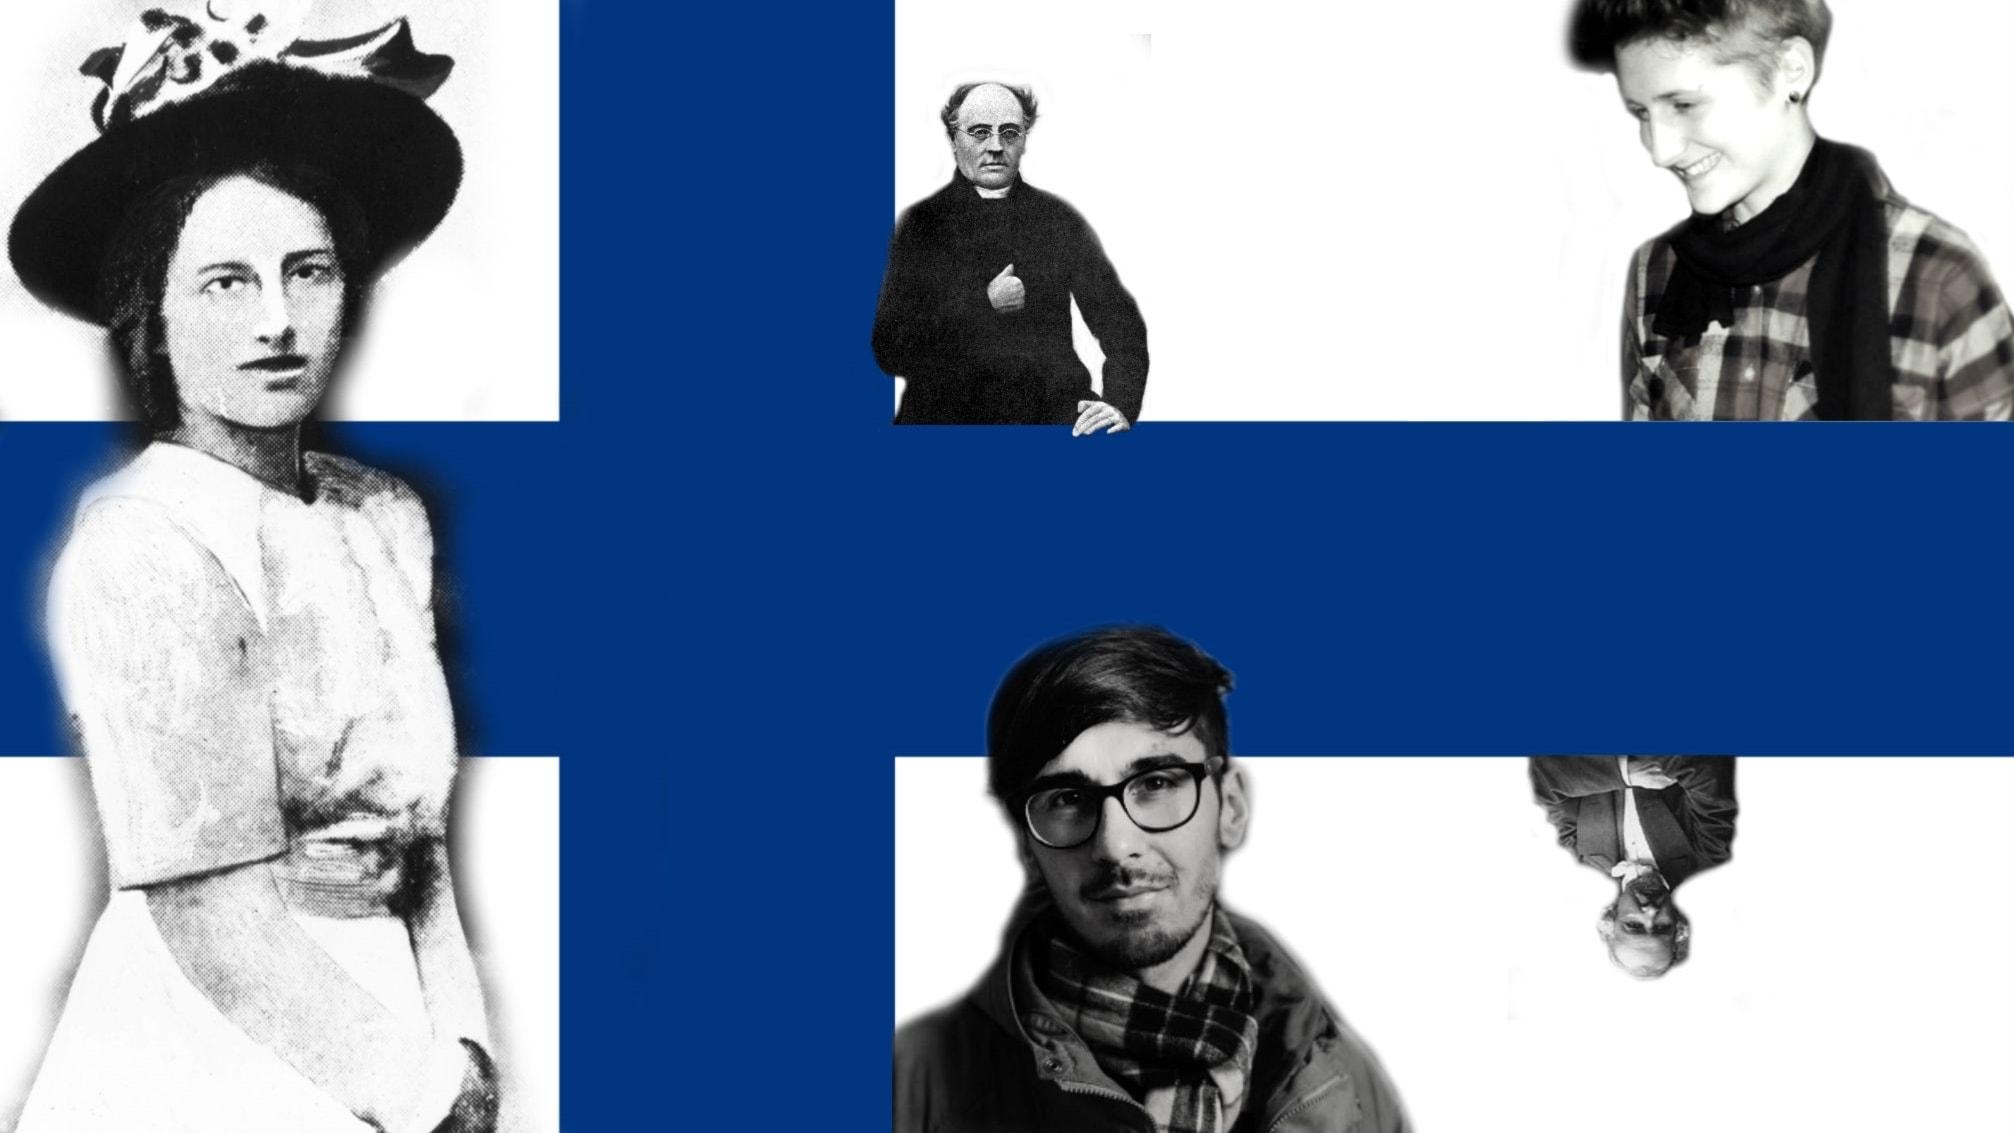 Finlandssvensk poesi bär språket på sina axlar